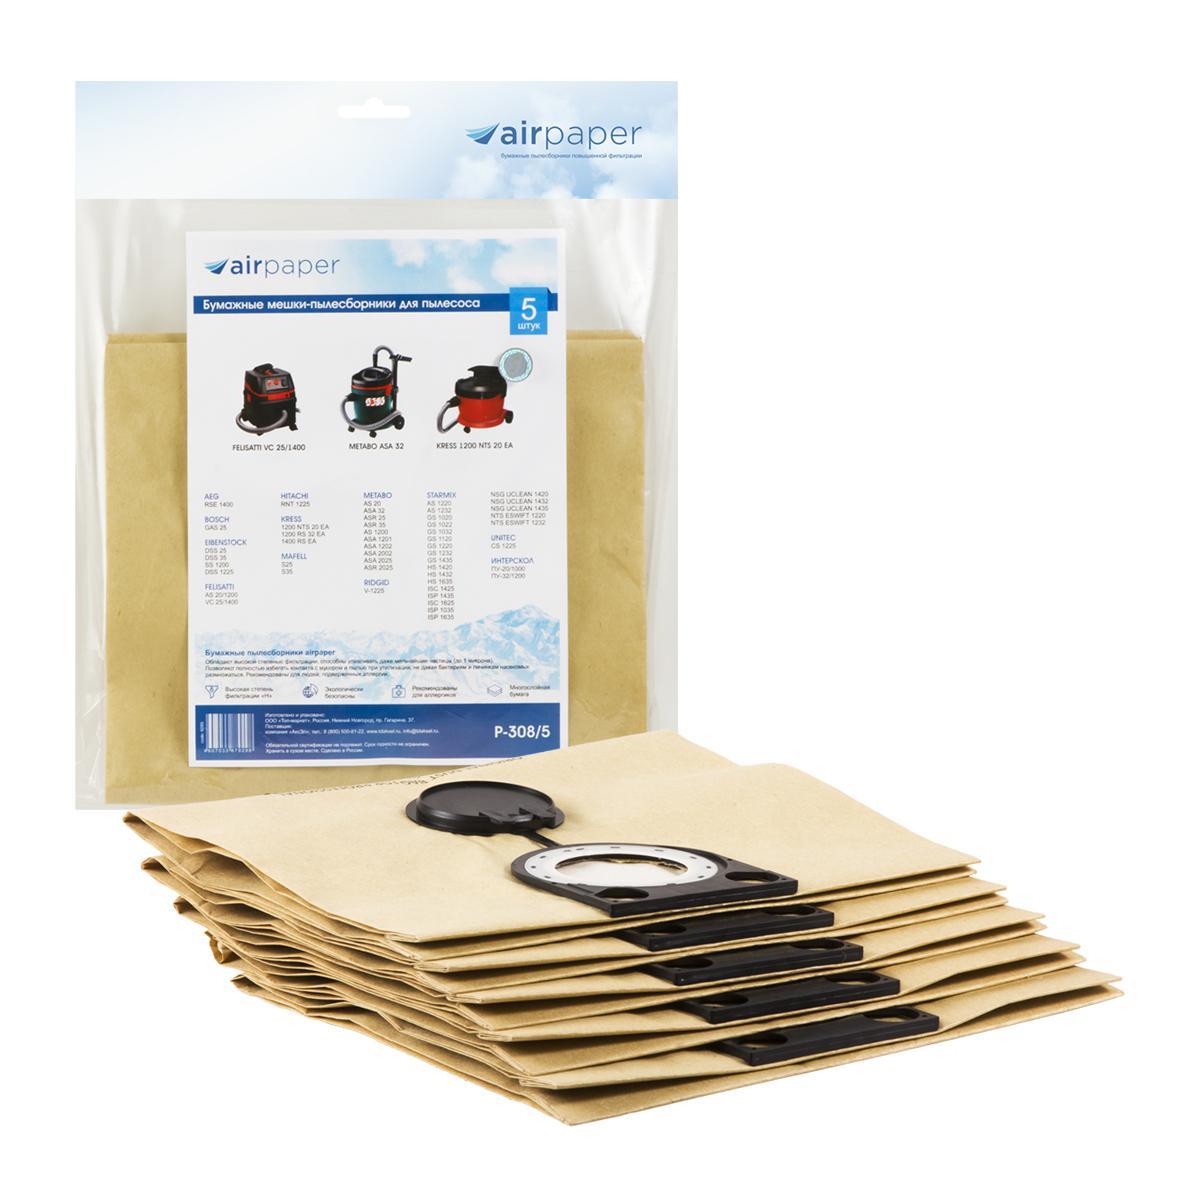 Мешок Air paper P-308/5  5 шт./уп. песни для вовы 308 cd